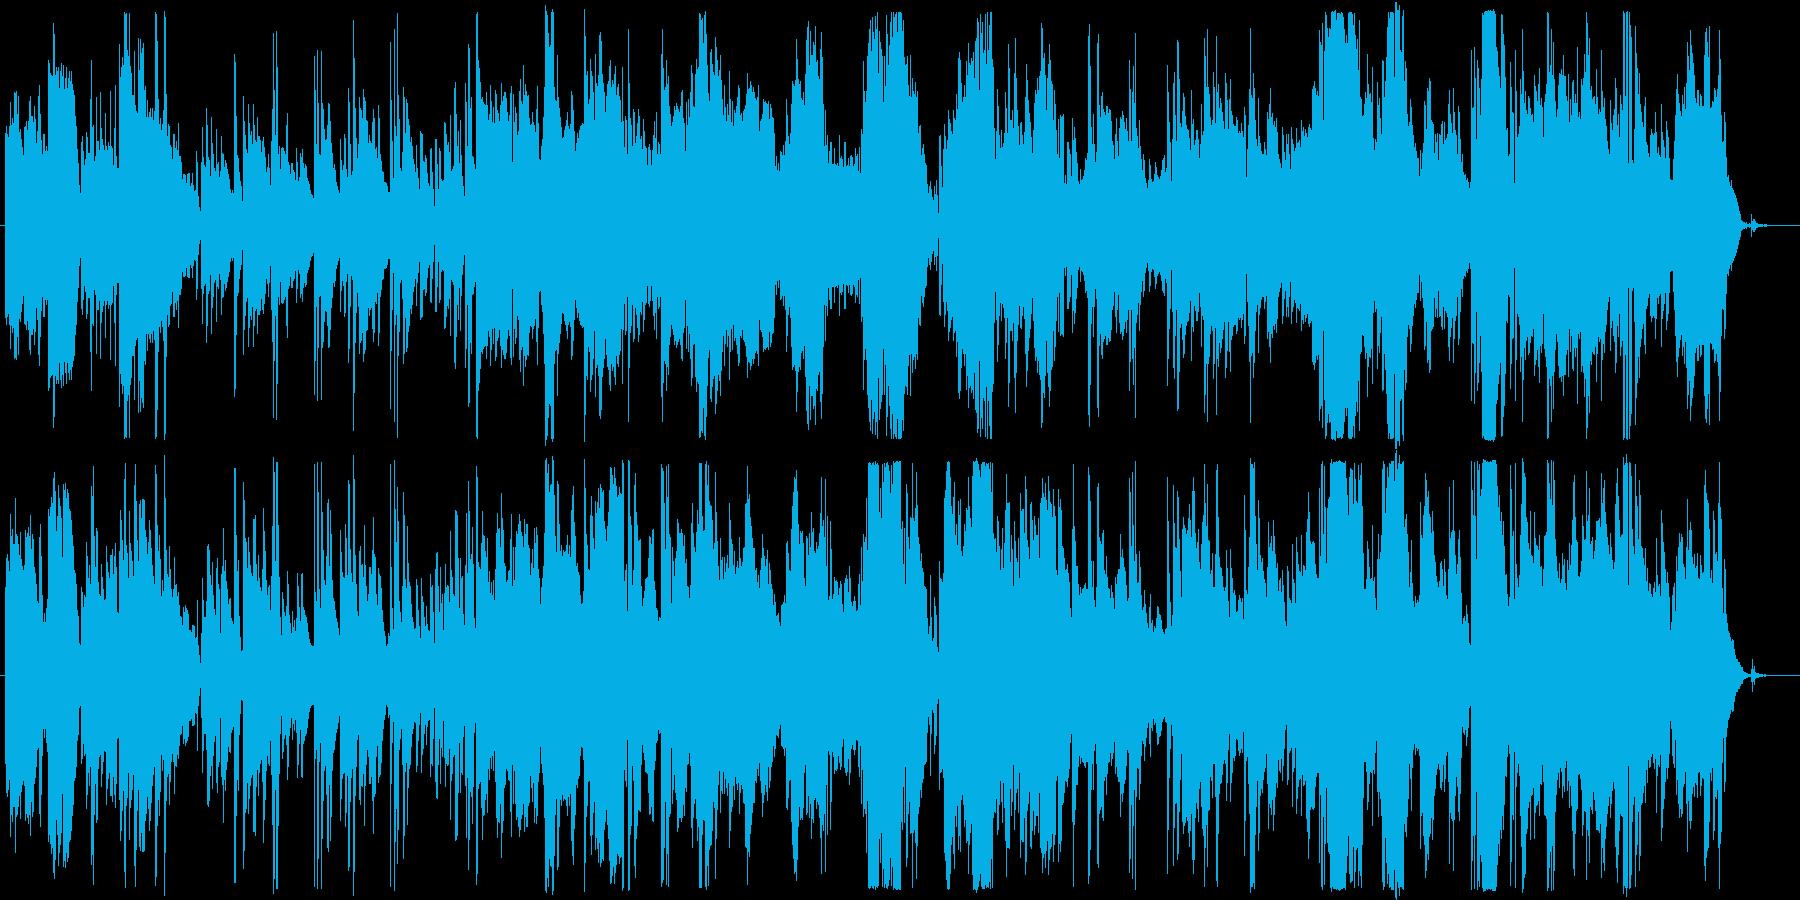 物語の導入部に最適なギターデュオの序奏の再生済みの波形